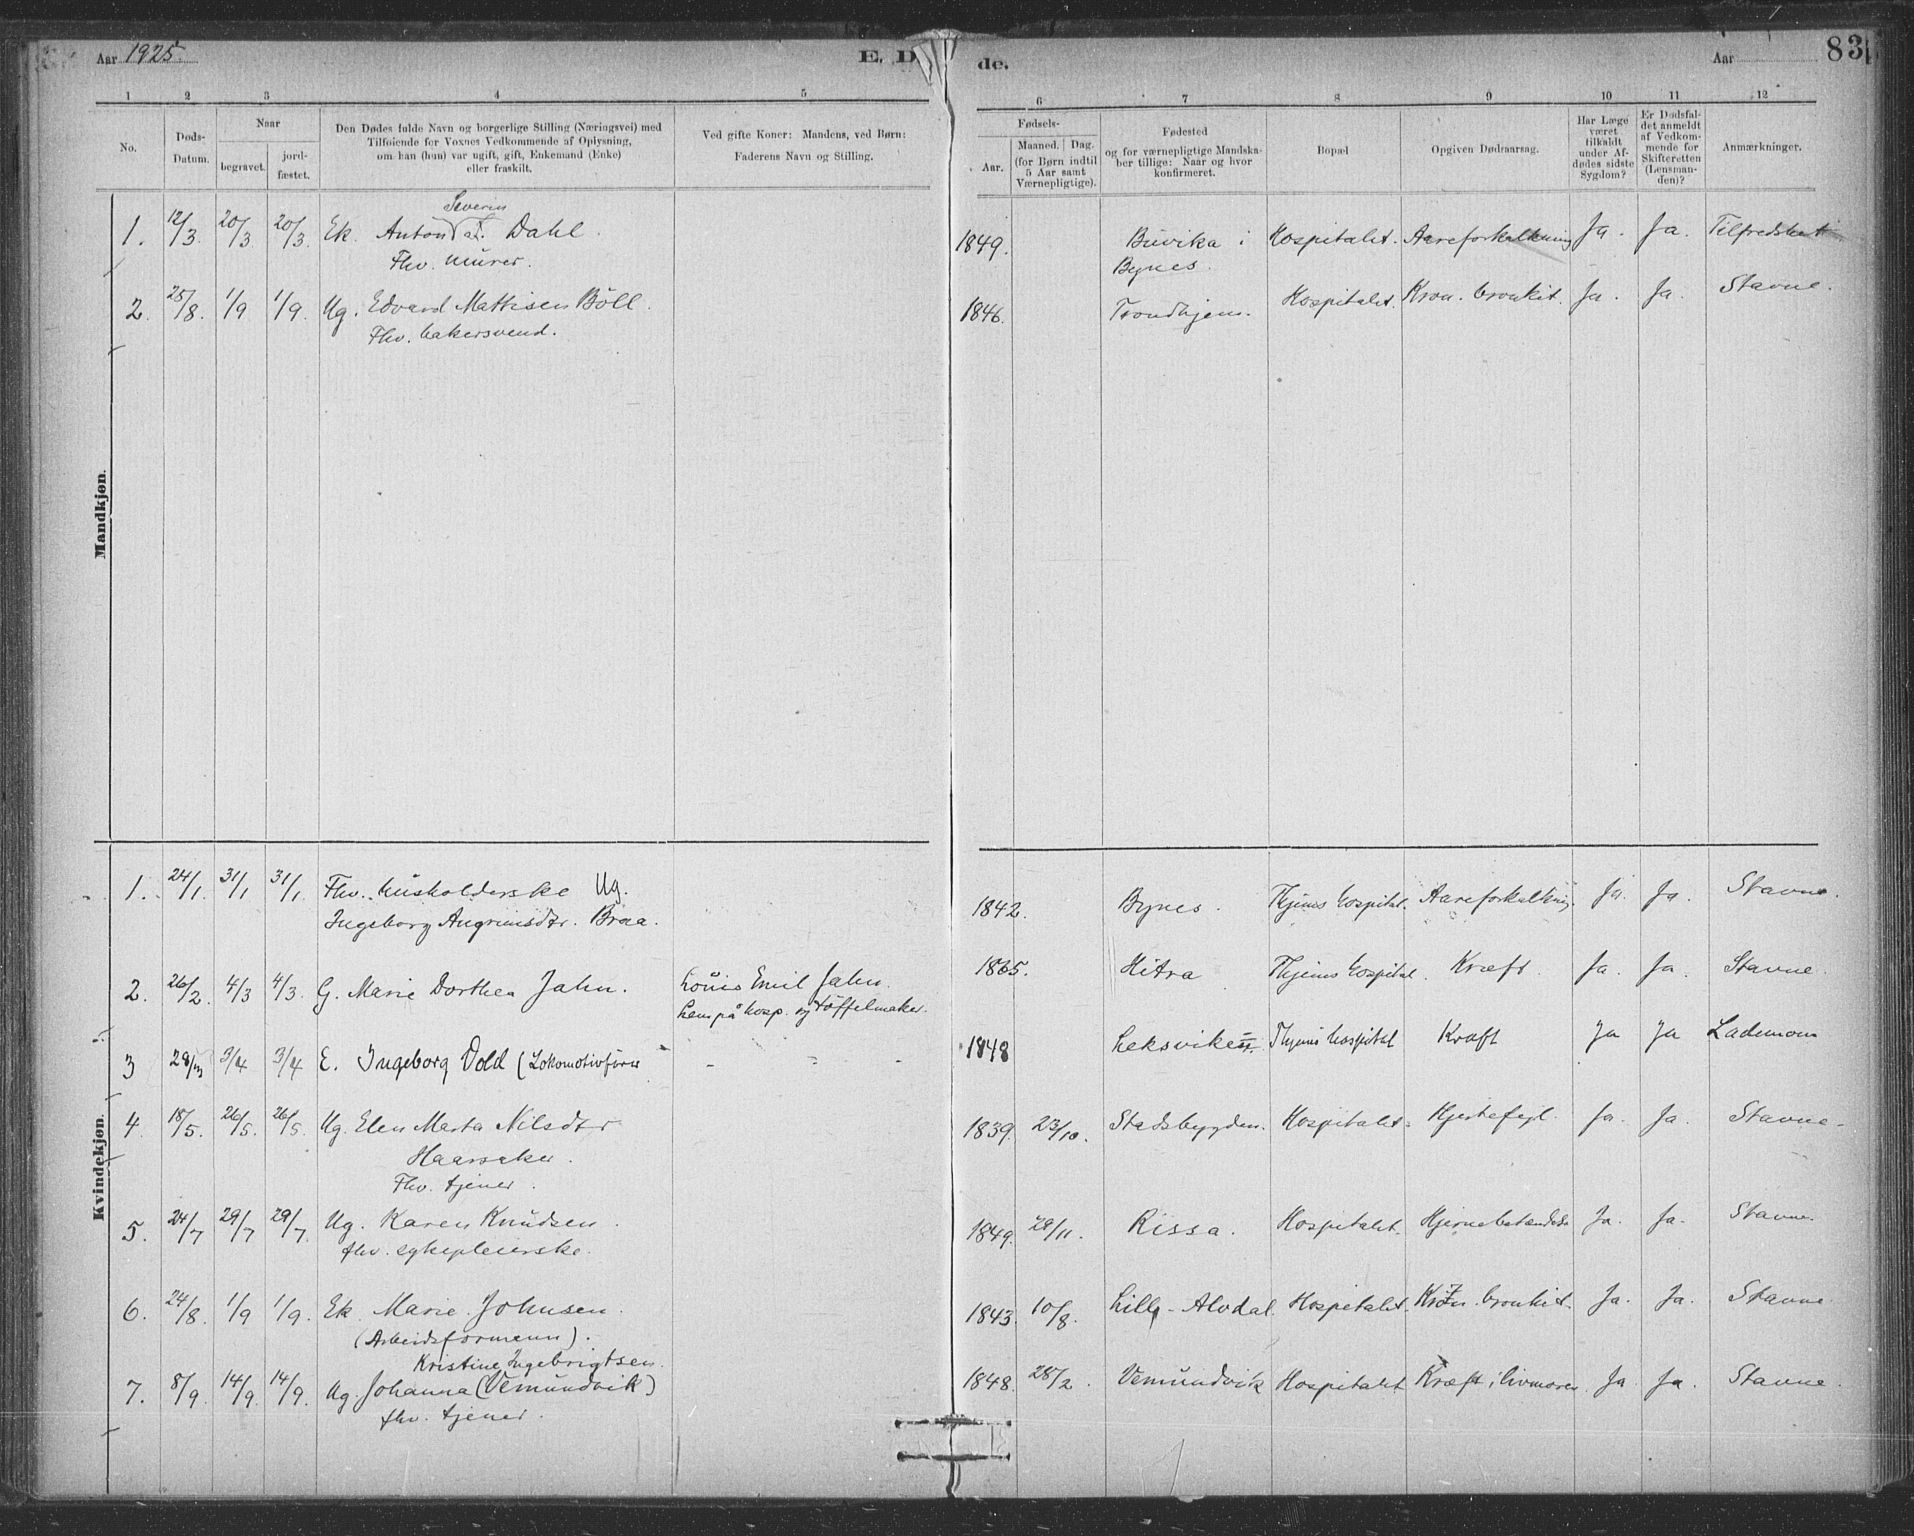 SAT, Ministerialprotokoller, klokkerbøker og fødselsregistre - Sør-Trøndelag, 623/L0470: Ministerialbok nr. 623A04, 1884-1938, s. 83